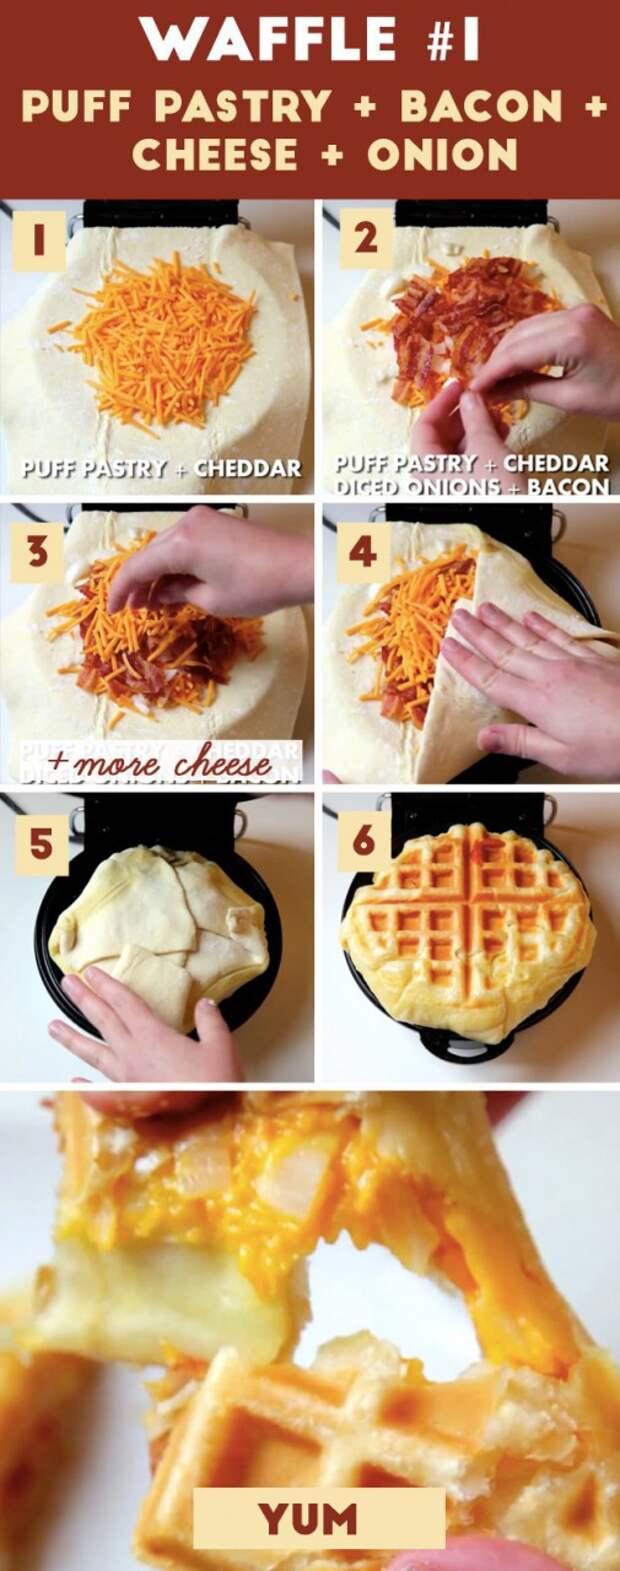 5 идей для вафельницы